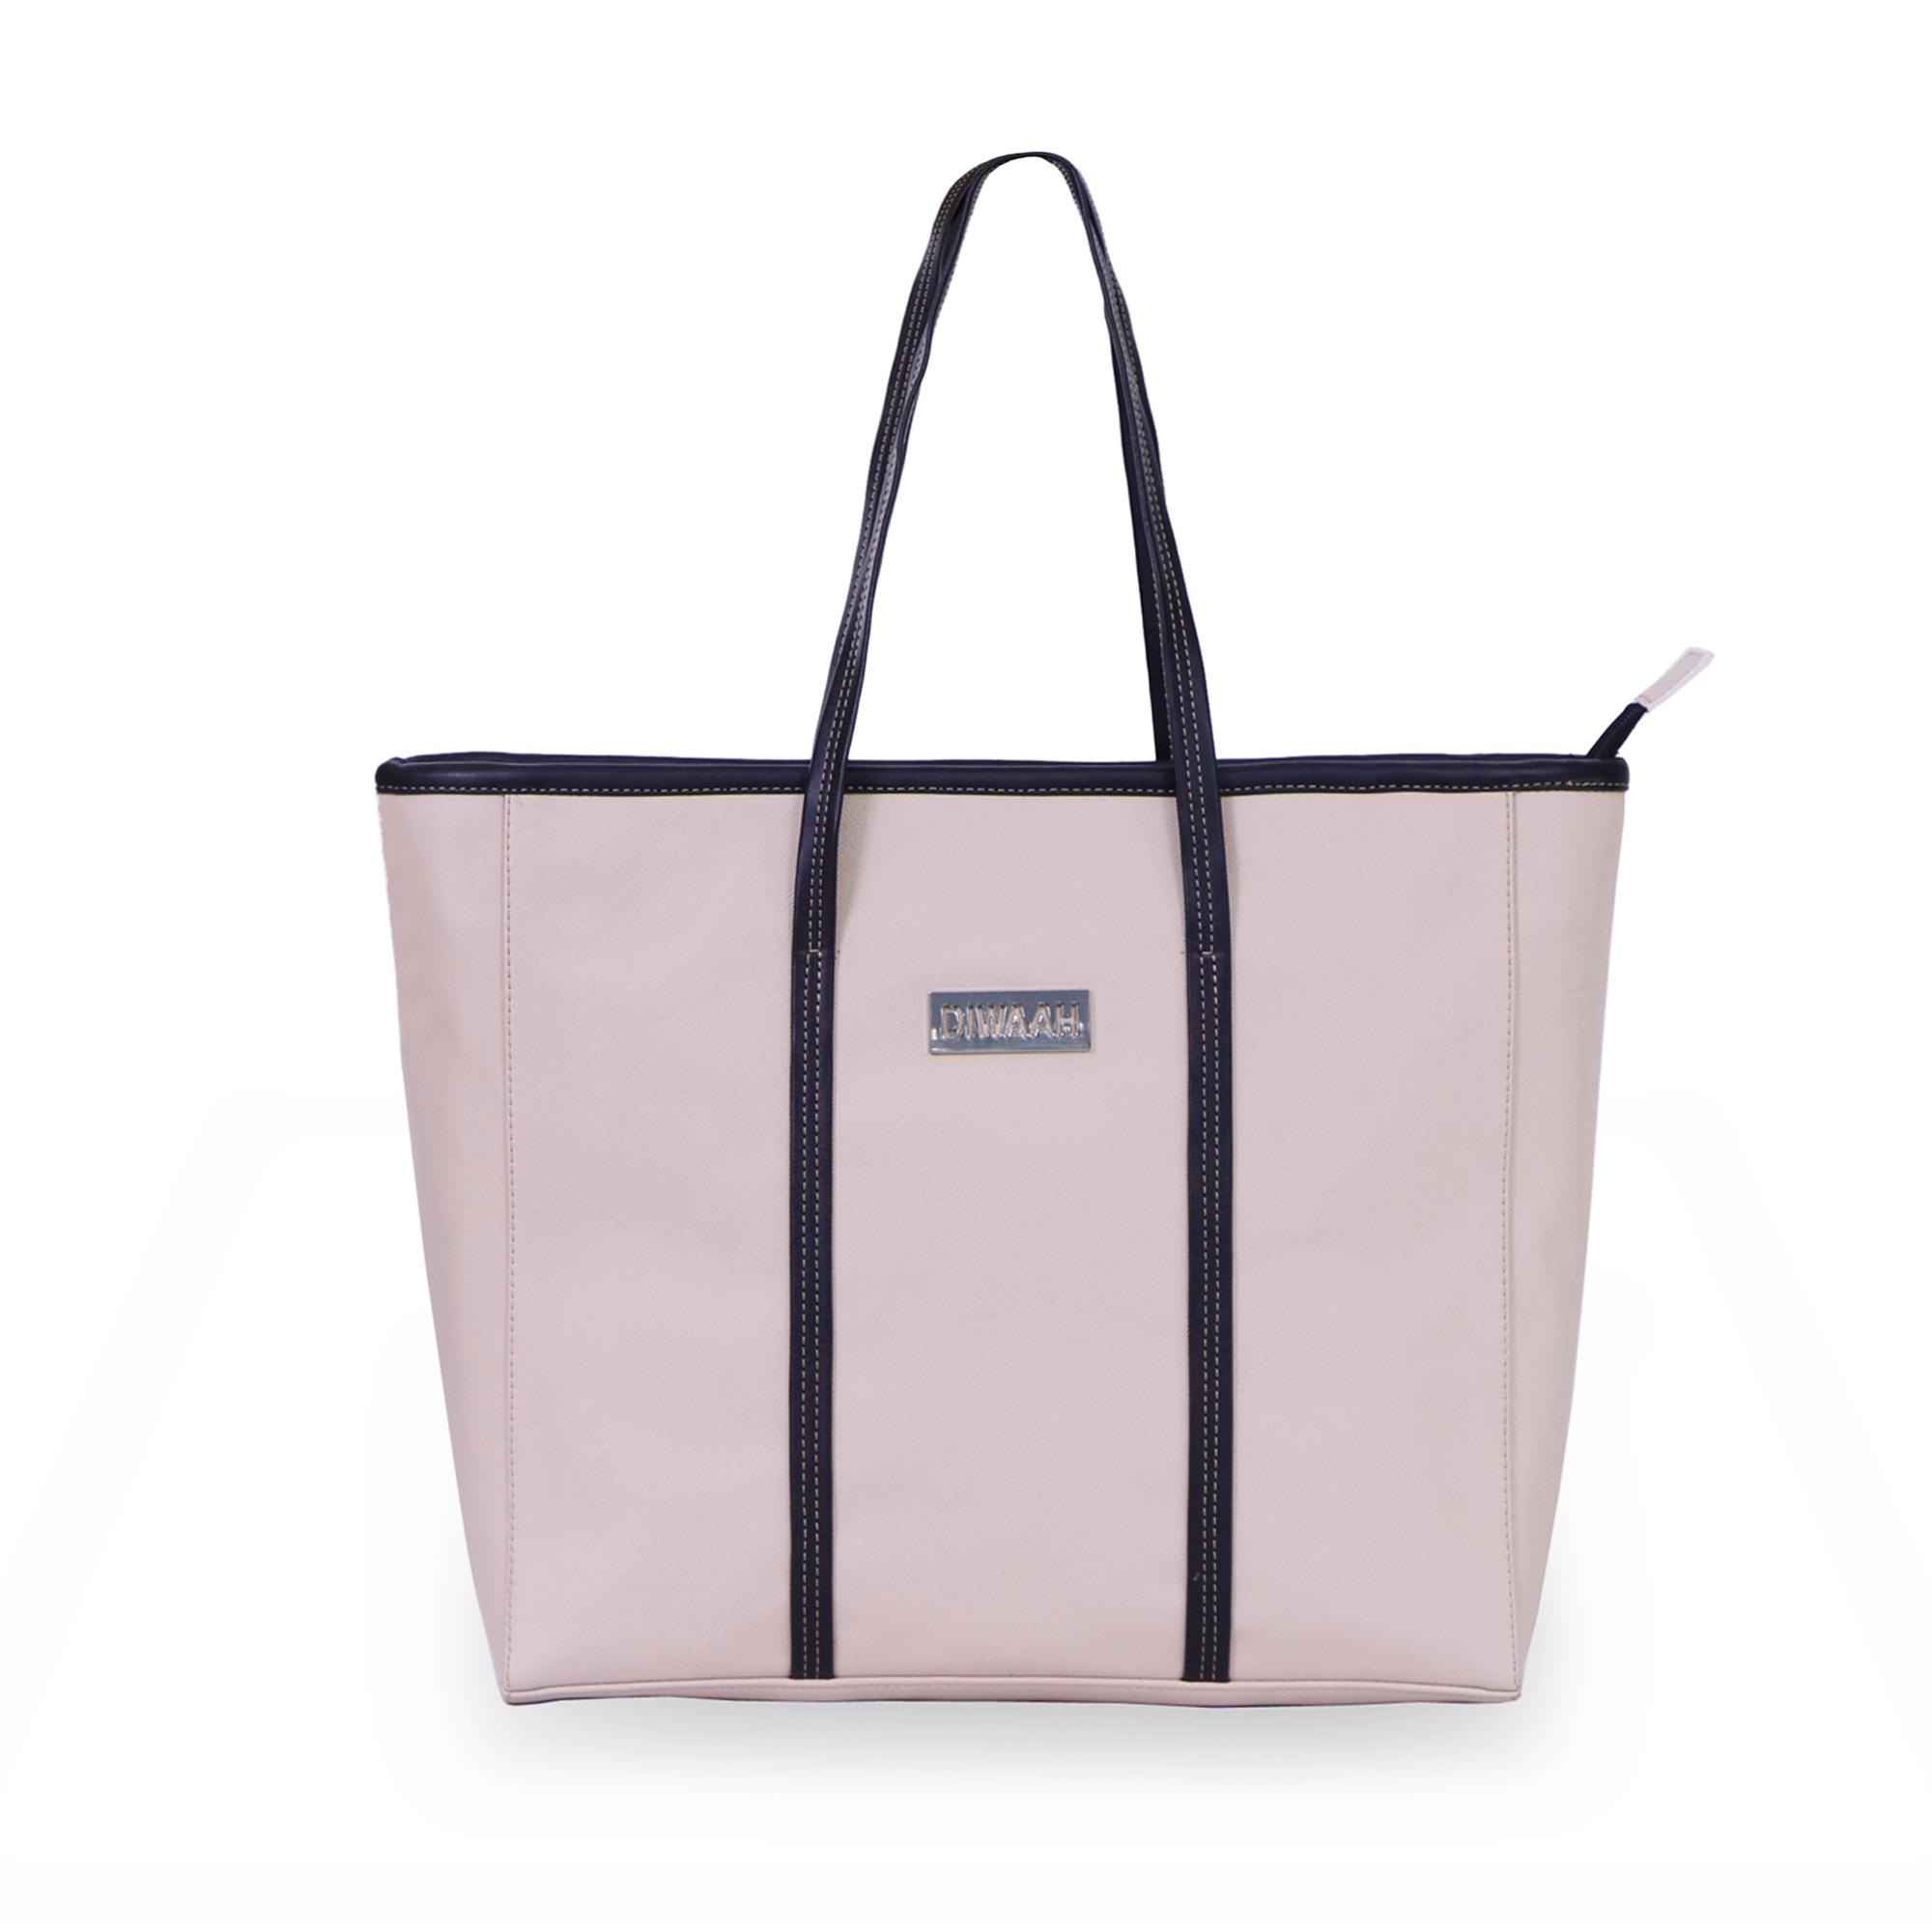 DIWAAH   Diwaah Pink Color Casual Tote Bag